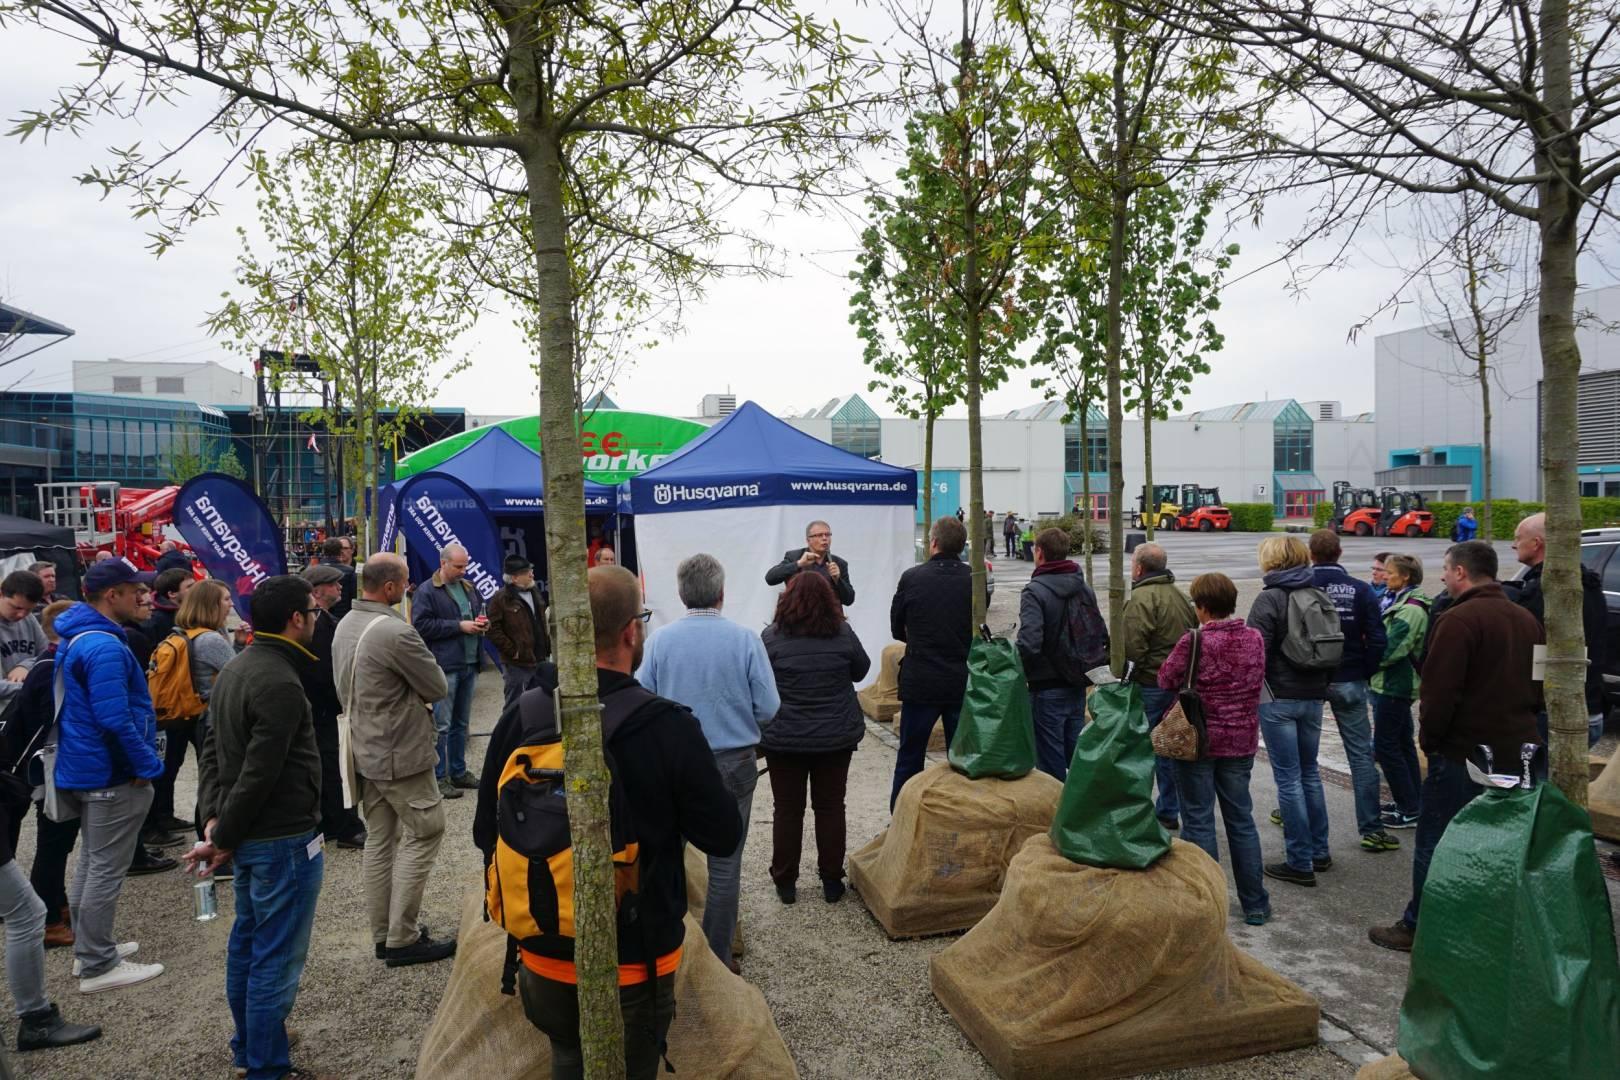 """Im Zukunftswald der LWG präsentierte Klaus Körber ausgewählte Baumarten, die sich im Rahmen des Klimawandel-Projektes """"Stadtgrün 2021"""" als besonders widerstands- und zukunftsfähig erwiesen haben. Foto: Kottich"""